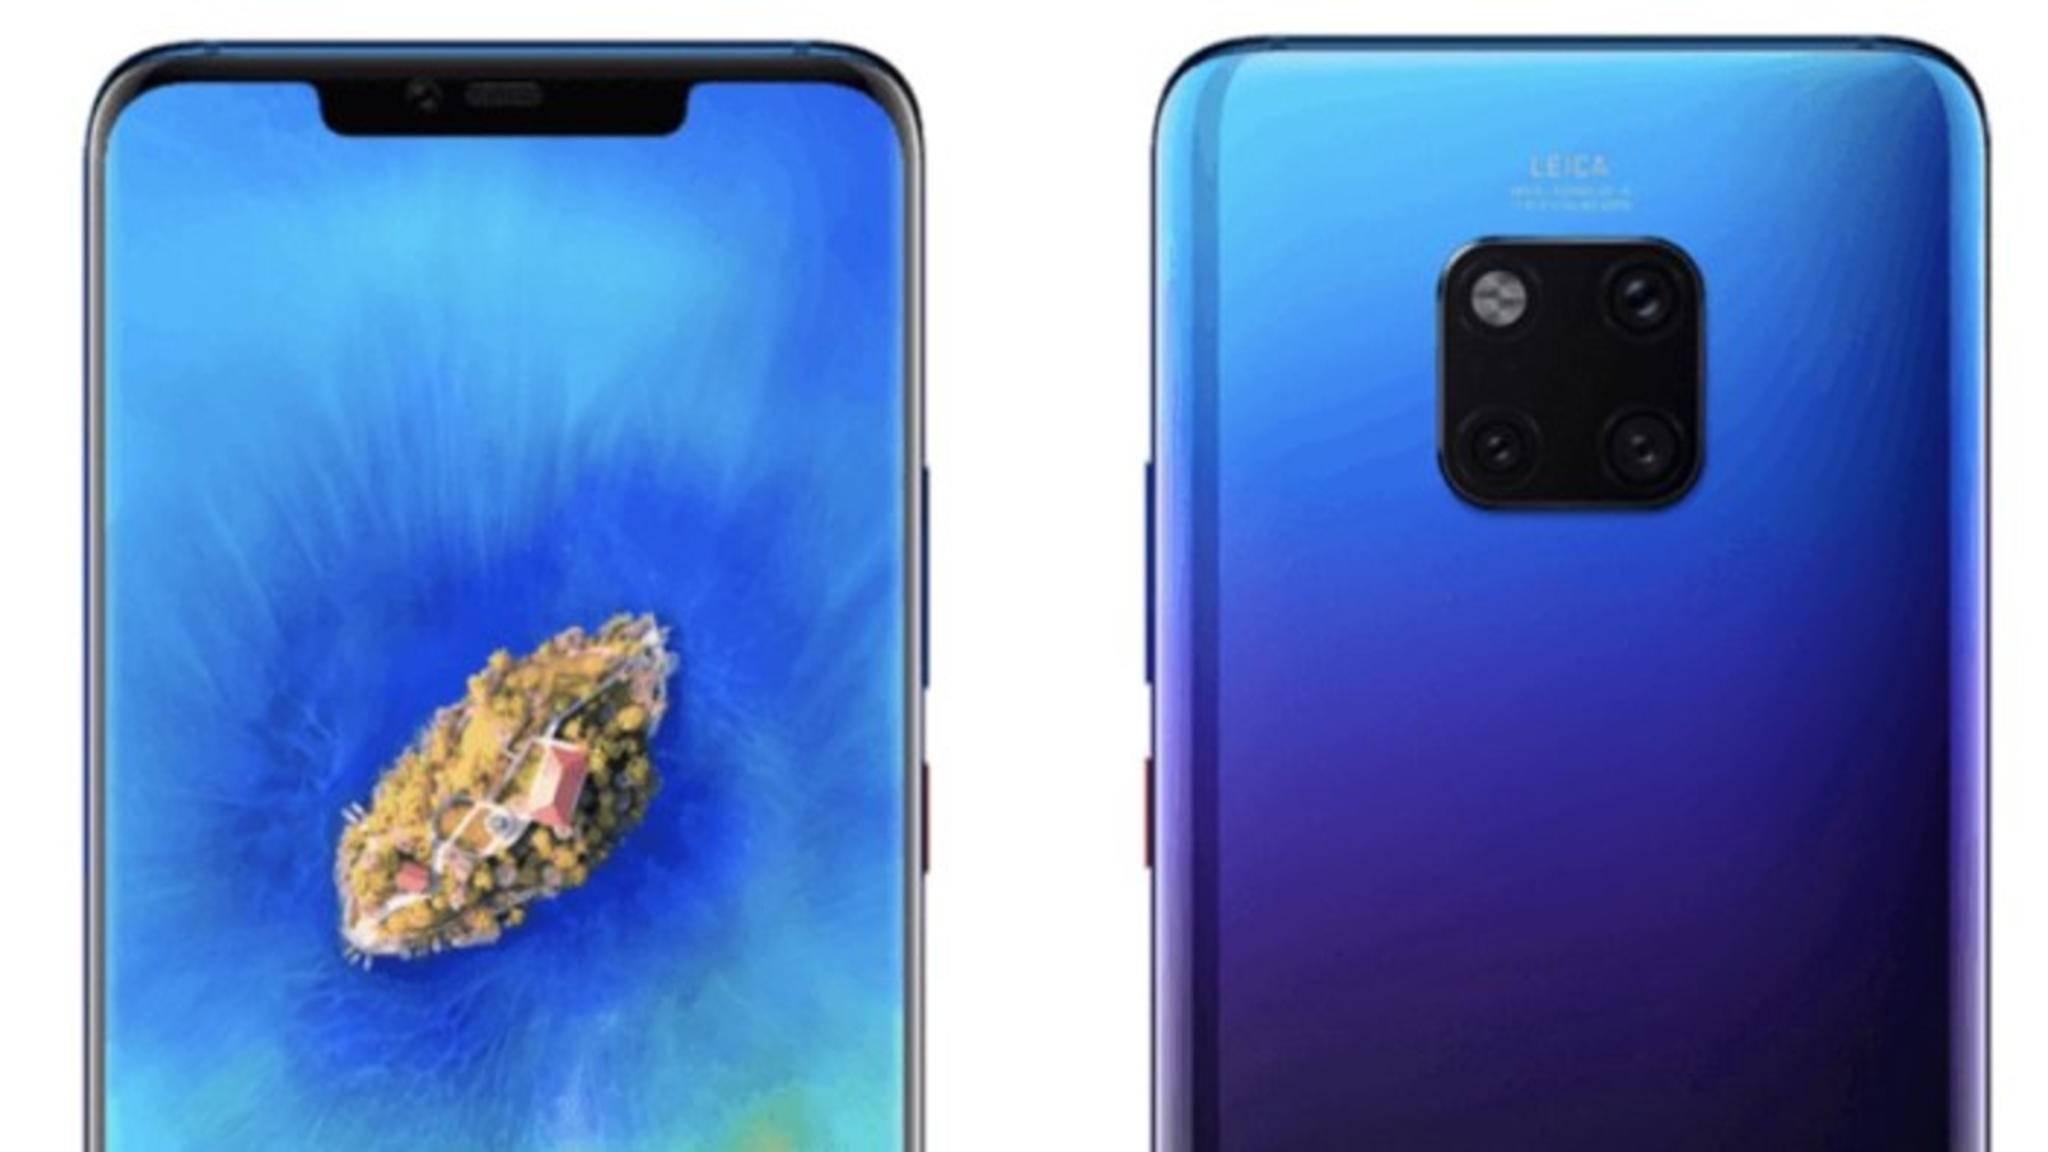 Das Huawei Mate 20 Pro dürfte das wohl stärkste Android-Smartphone werden.